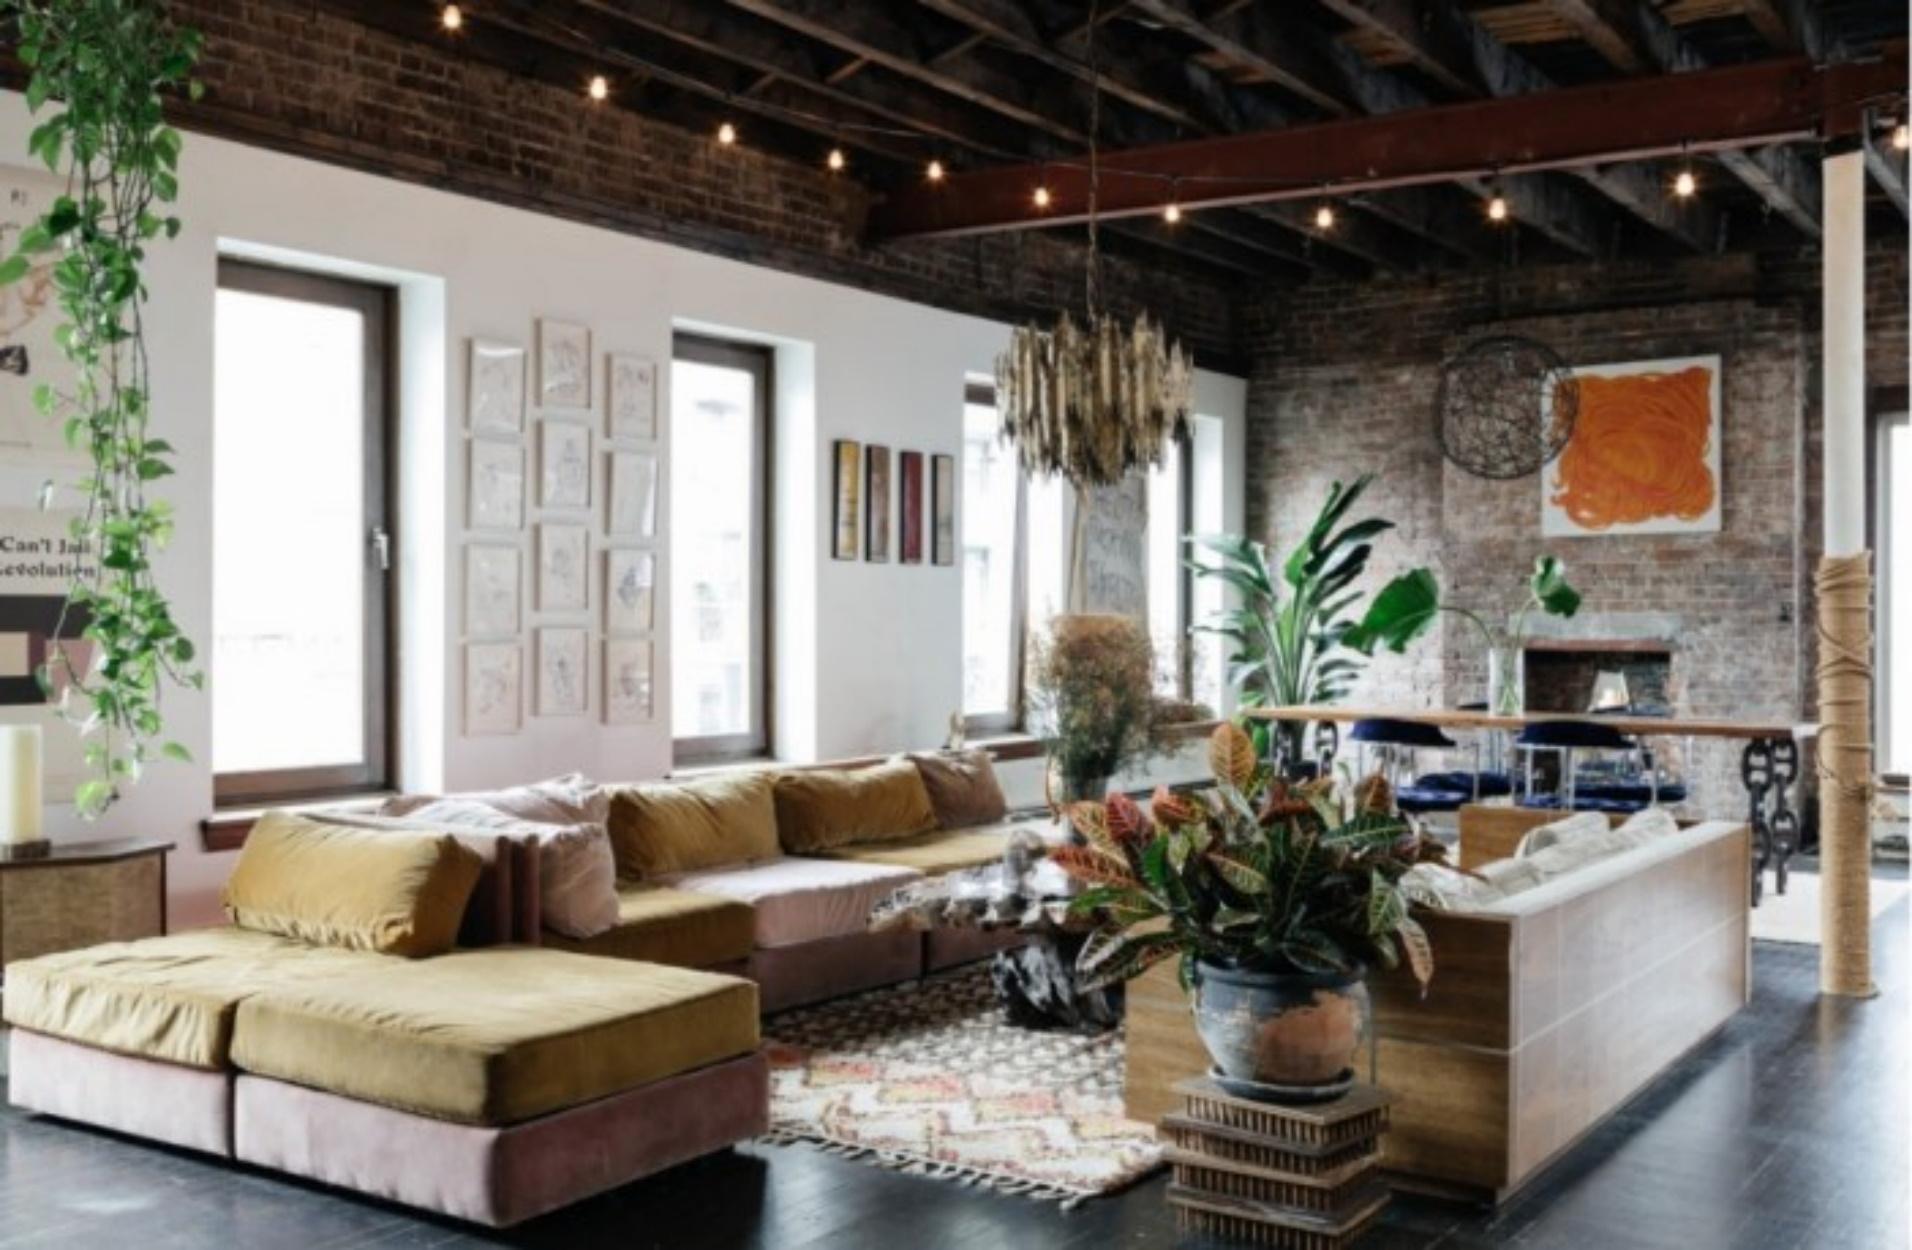 4 πολυτελή διαμερίσματα για εσάς που θέλετε να εξερευνήσετε την Νέα Υόρκη